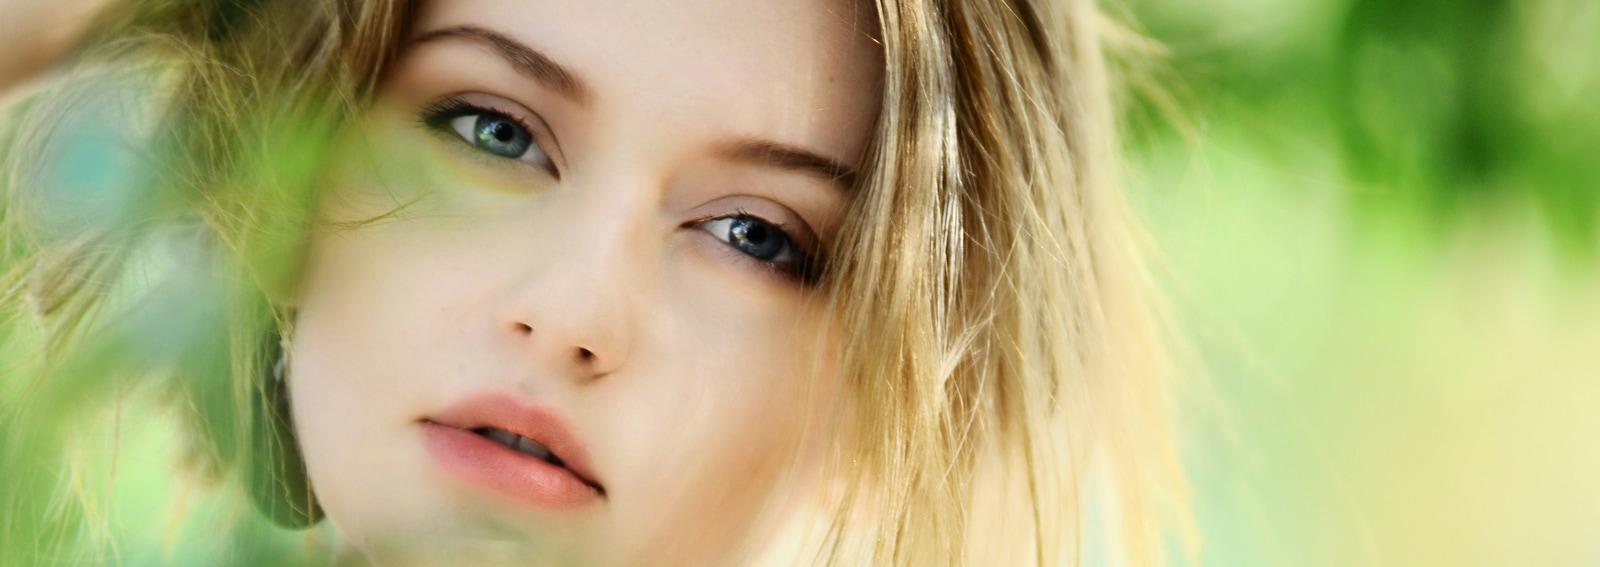 occhiaie viso ragazza 2